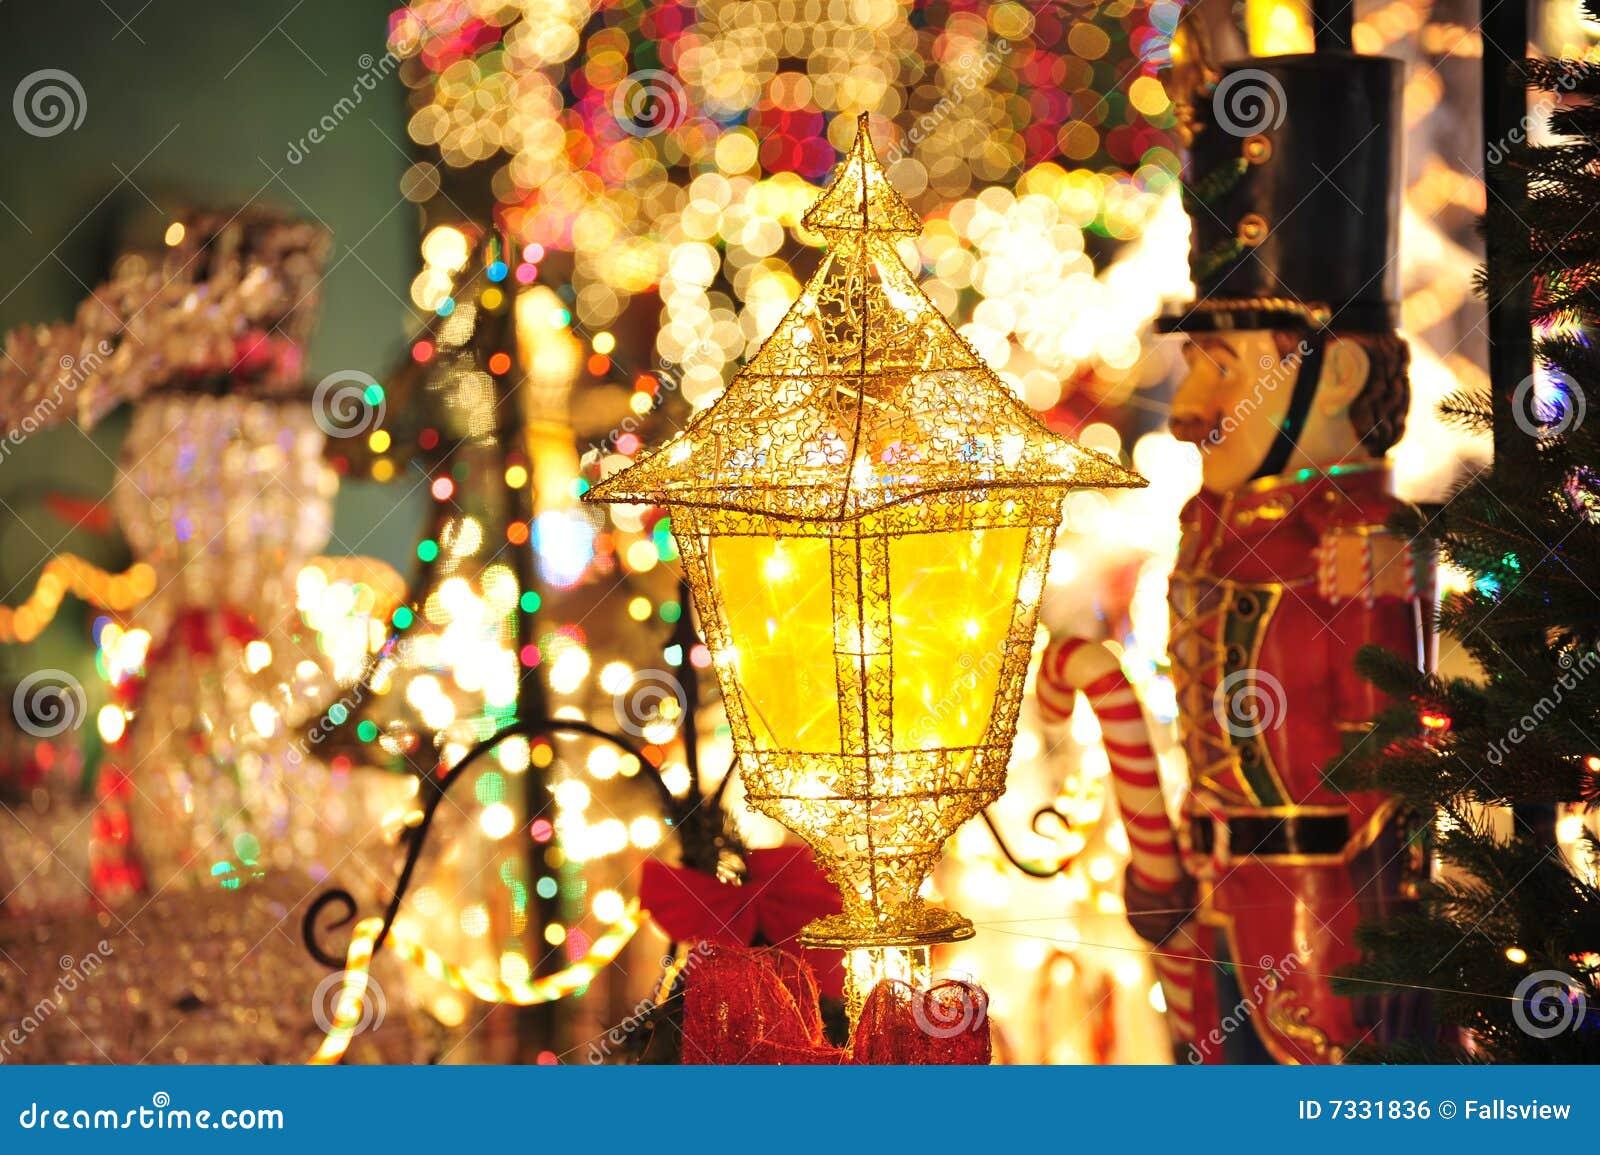 装饰照明设备